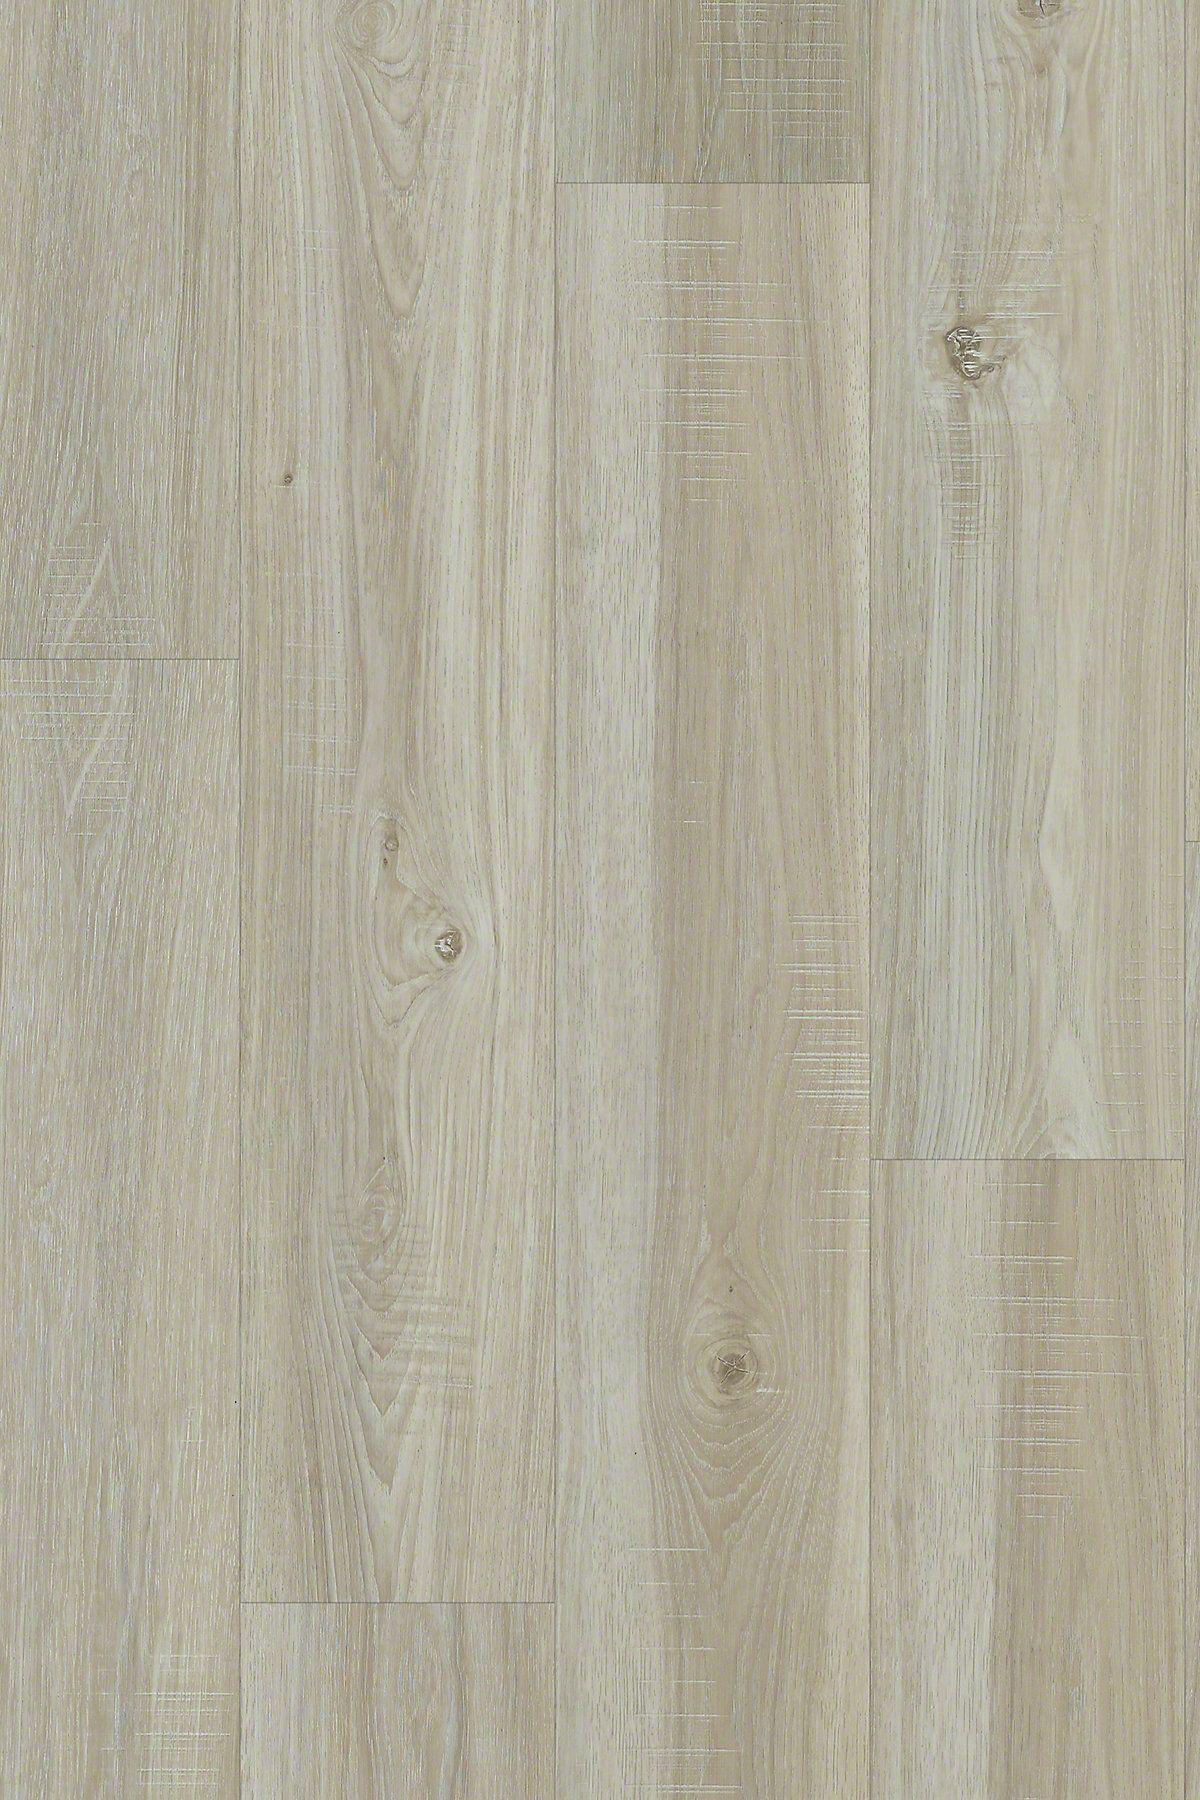 Cornerstone Plank Washed Oak In 2020 Flooring Luxury Vinyl